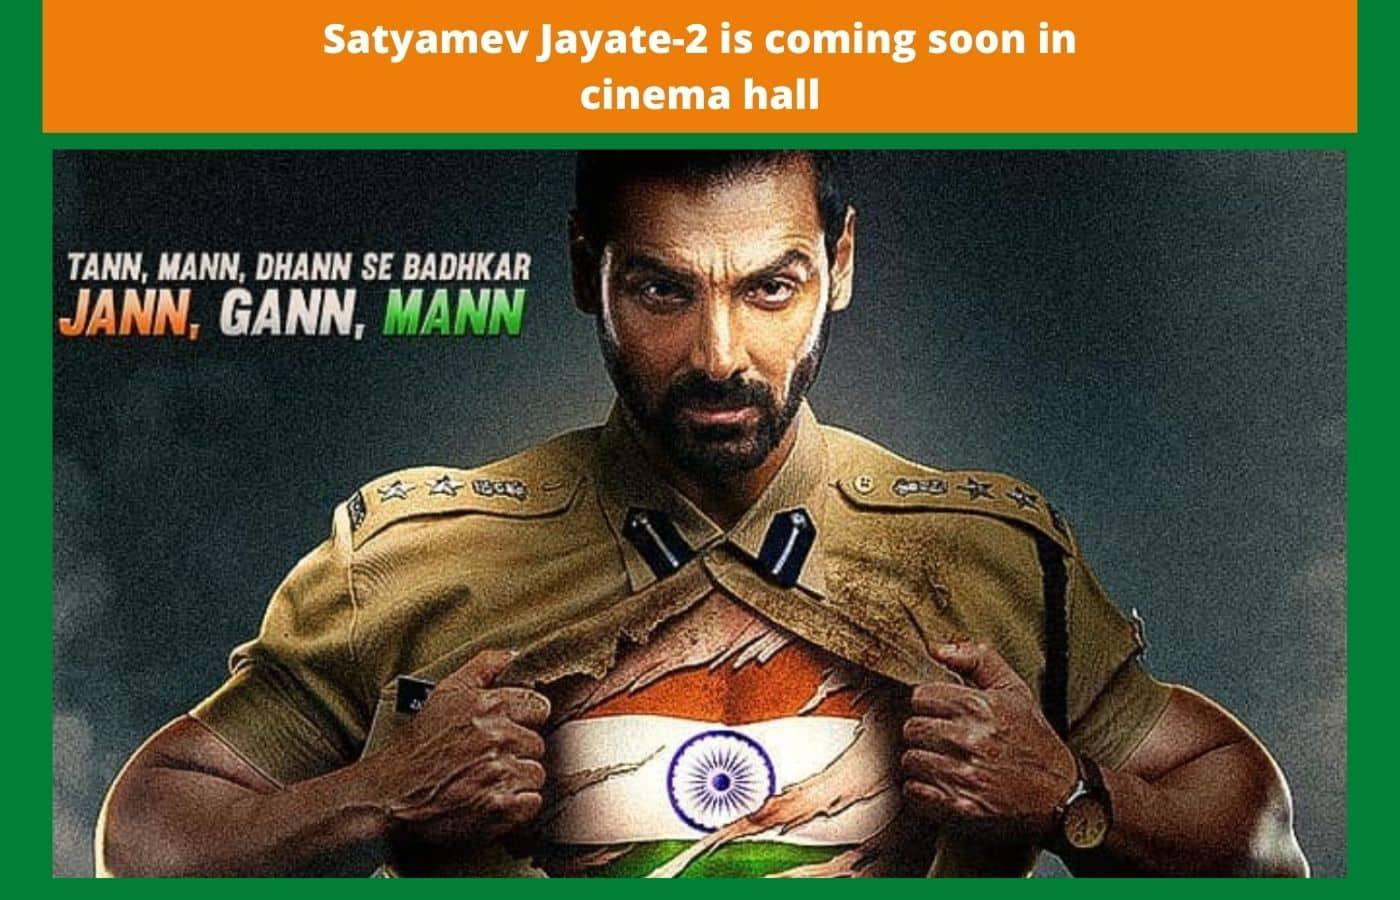 Satyamev Jayate-2 is coming soon in cinema hall